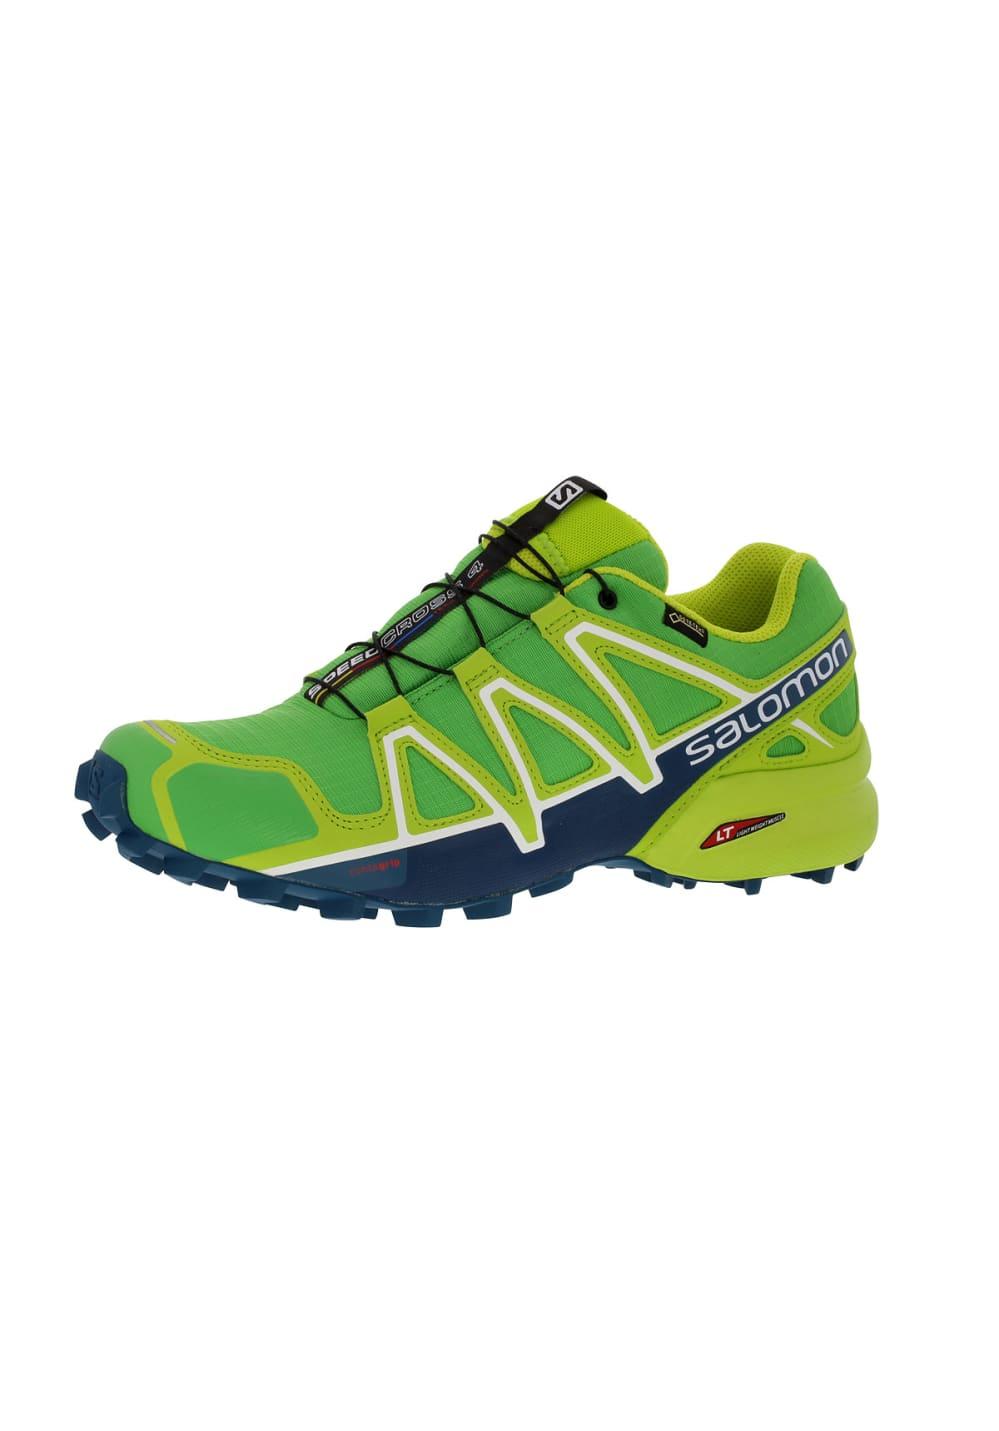 revendeur 0e96e ec35f Salomon Speedcross 4 GTX - Running shoes for Men - Green